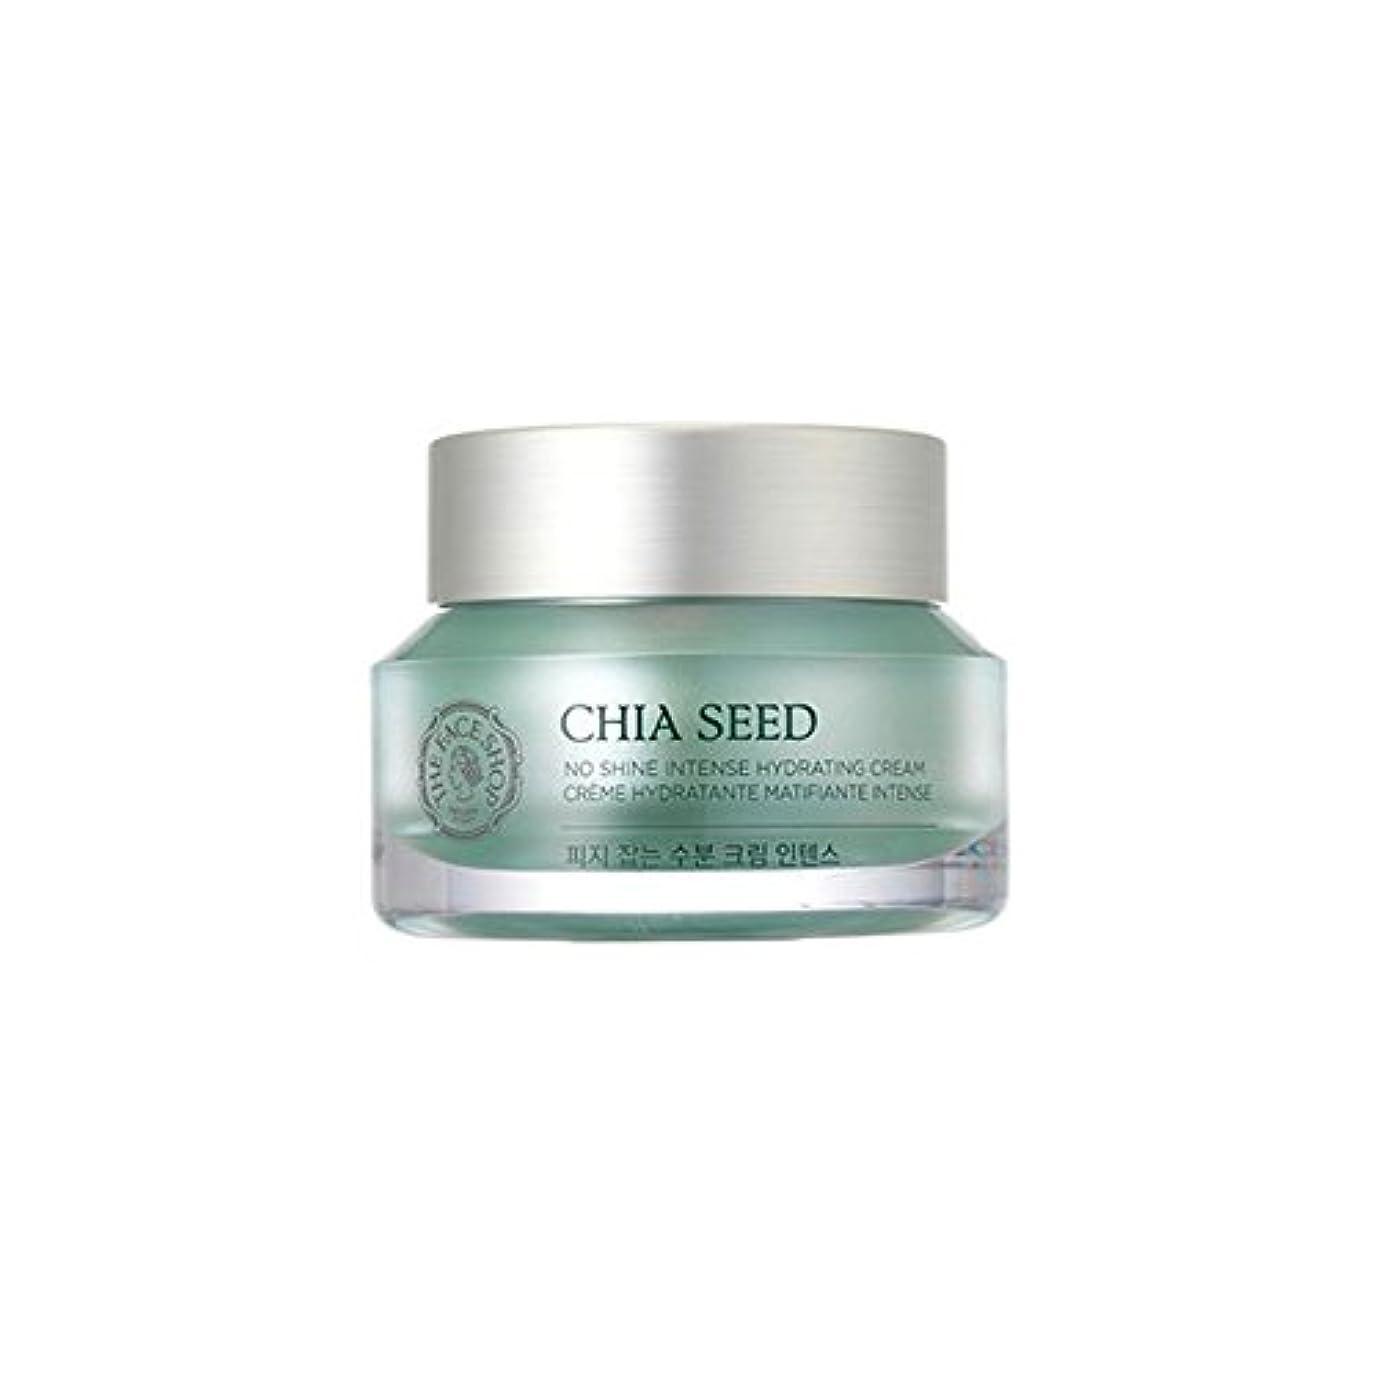 休憩開拓者気性[ザ·フェイスショップ]The Face Shop チアシードノーシャインインテンス水分クリーム(50ml) The Face Shop Chia Seed No Shine Intense Hydrating Cream...